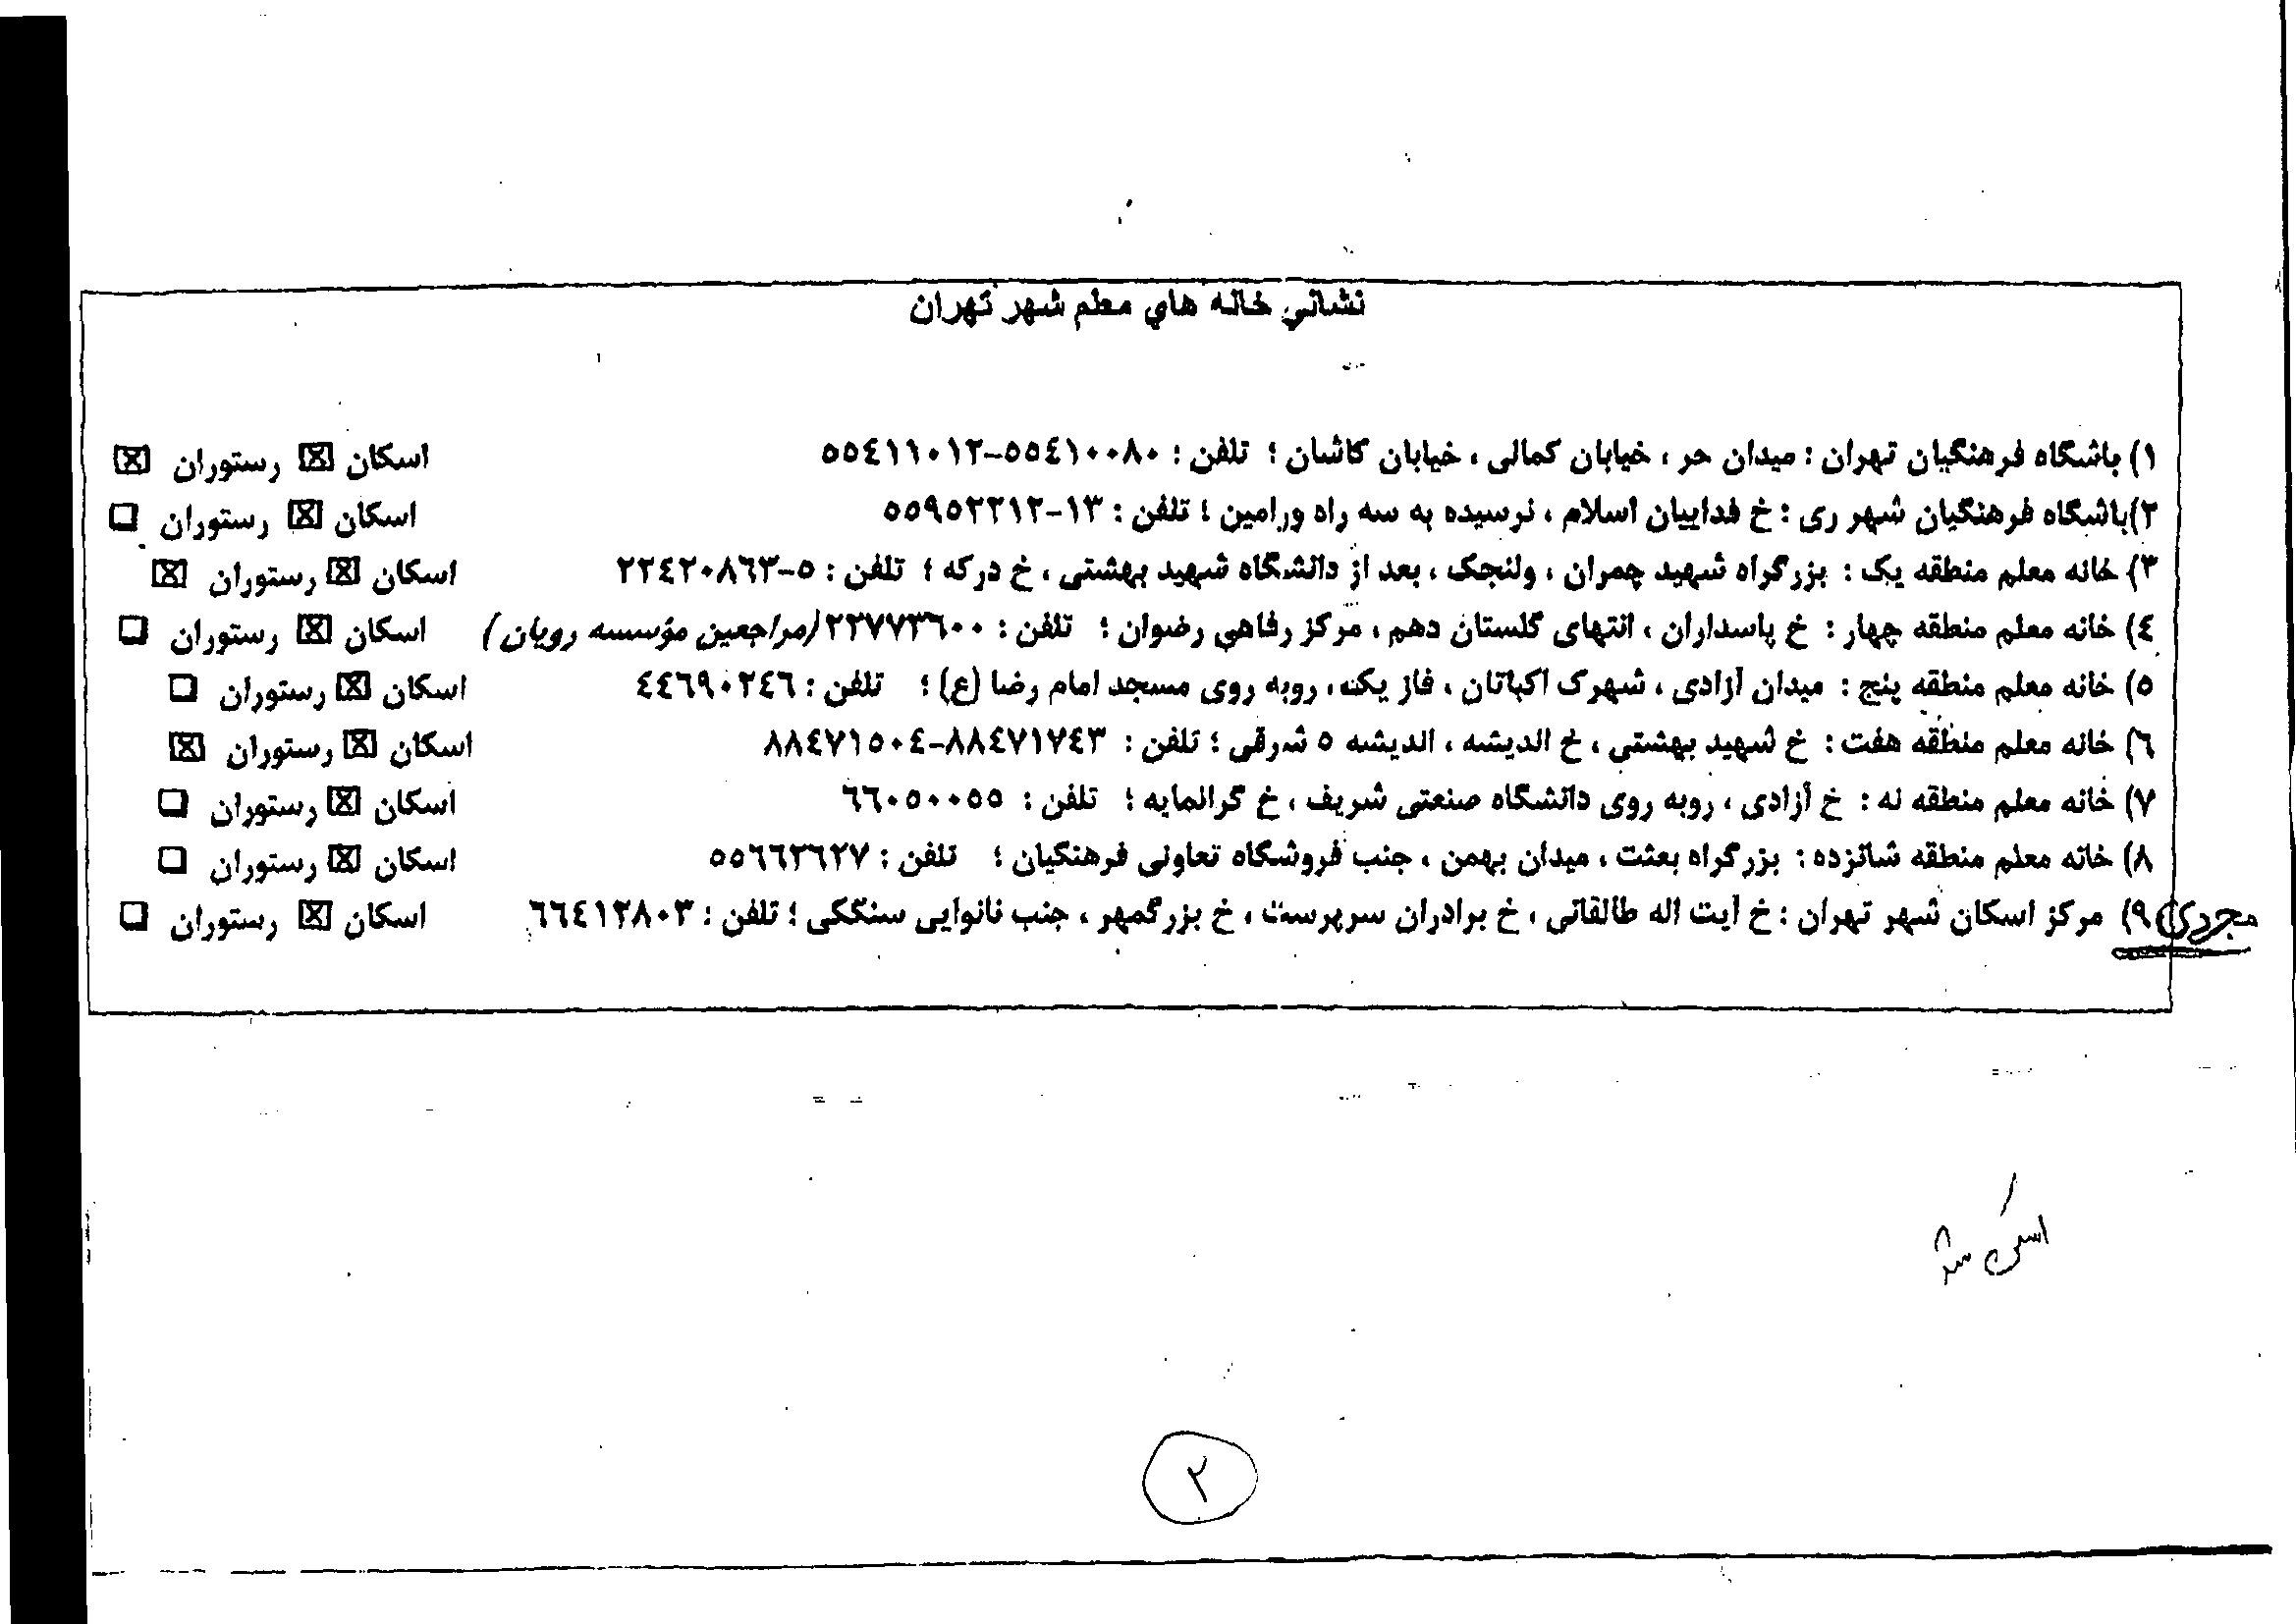 ستاد اسکان فرهنگیان در تهران قیمت خانه معلم تهران | 1 ریال مرجع آخرین قیمت ها